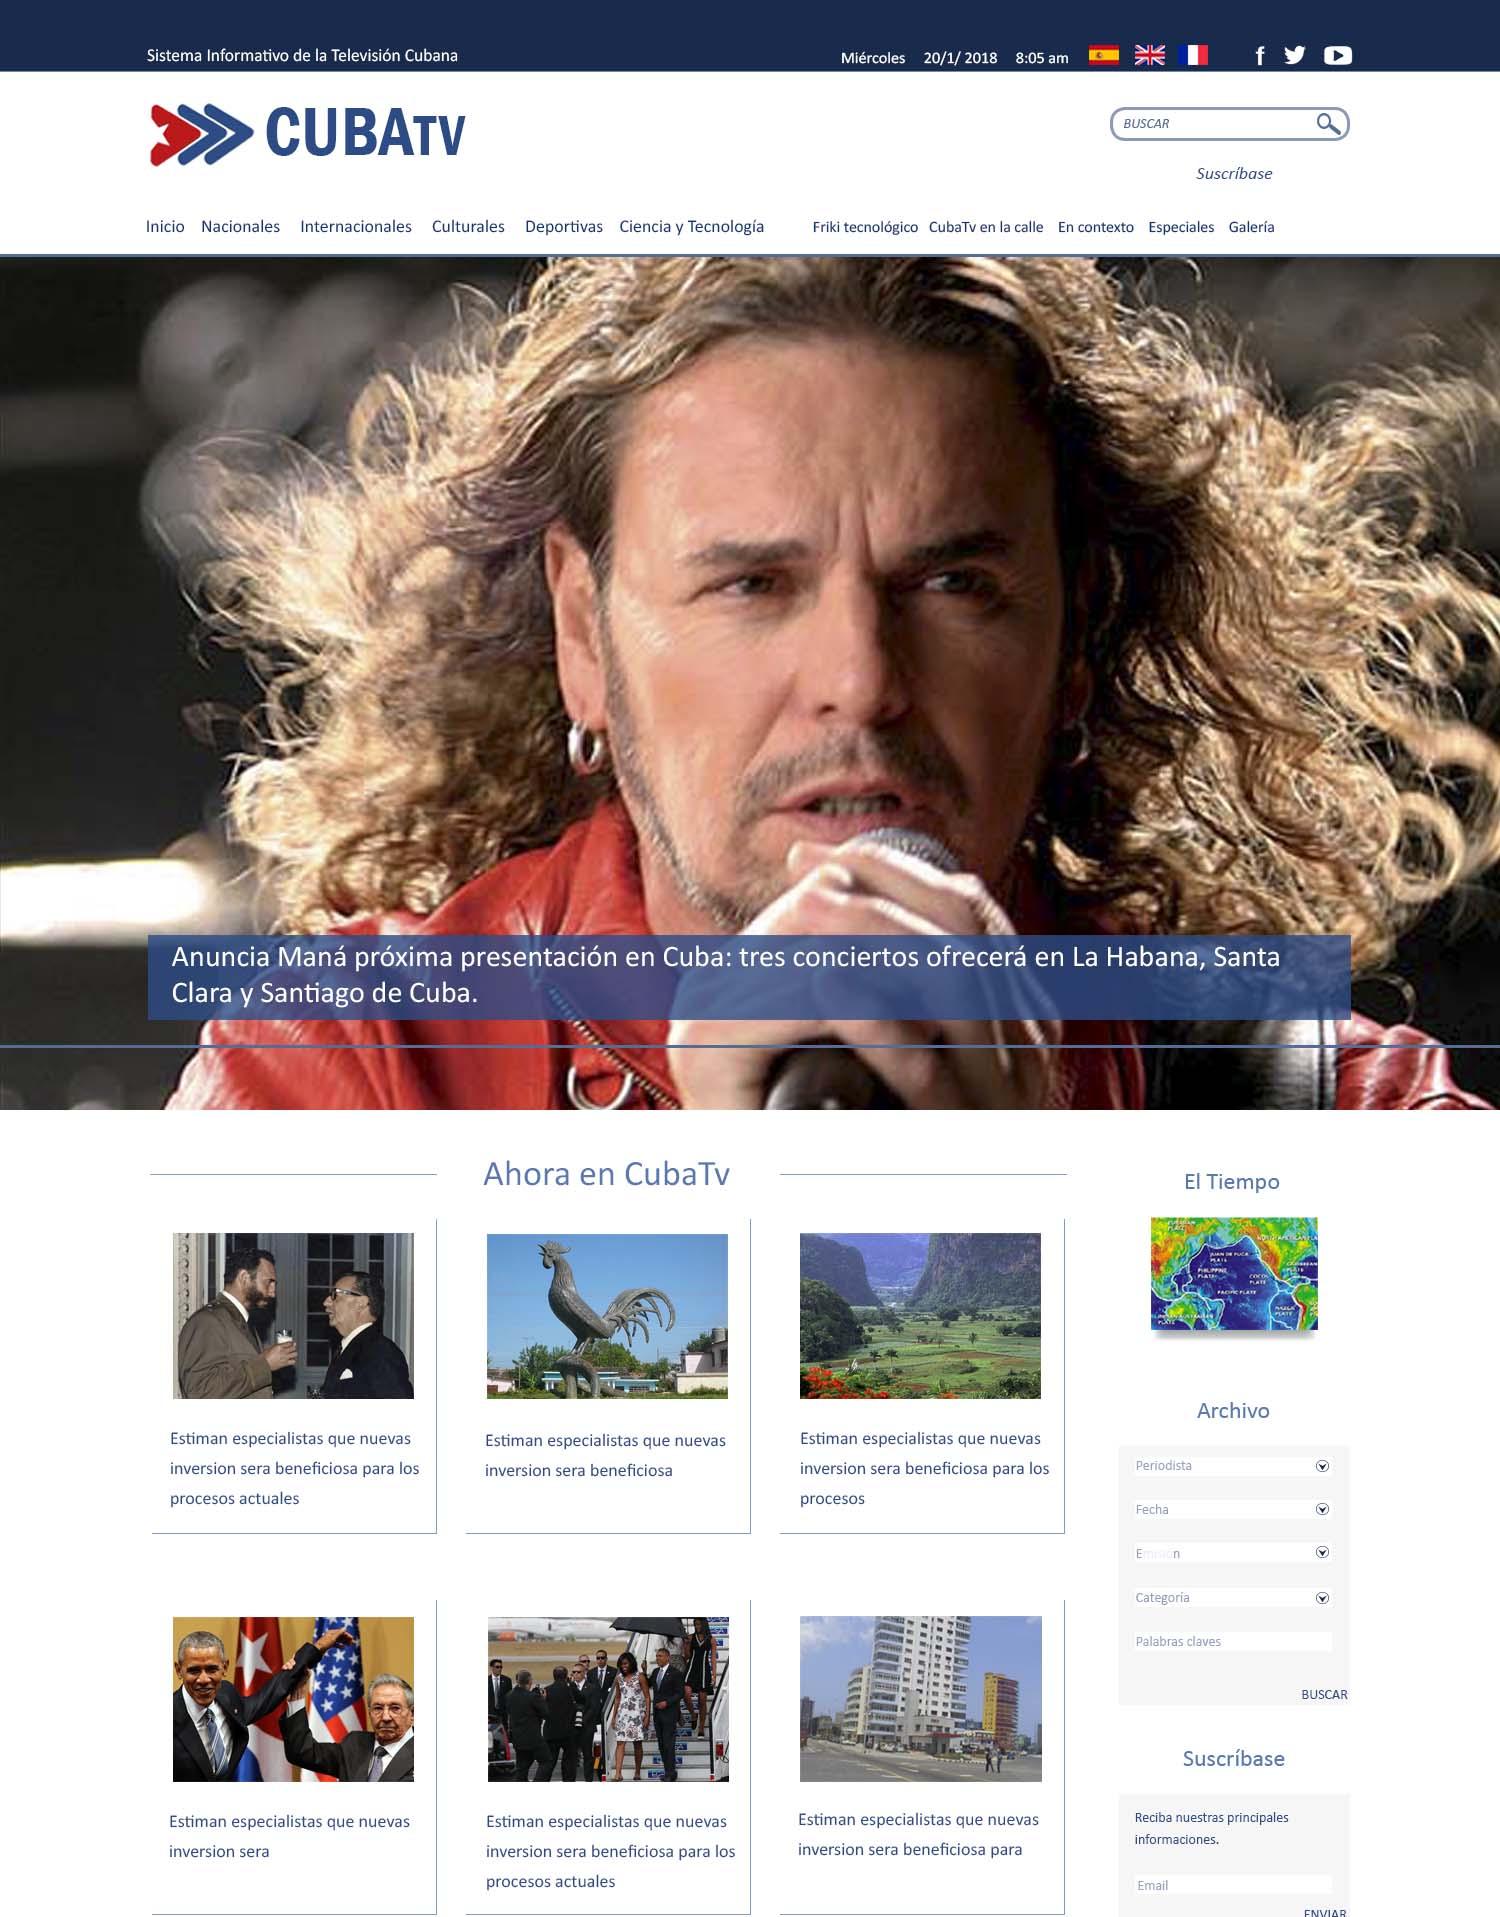 Web del Sistema Informativo de la Televisión Cubana